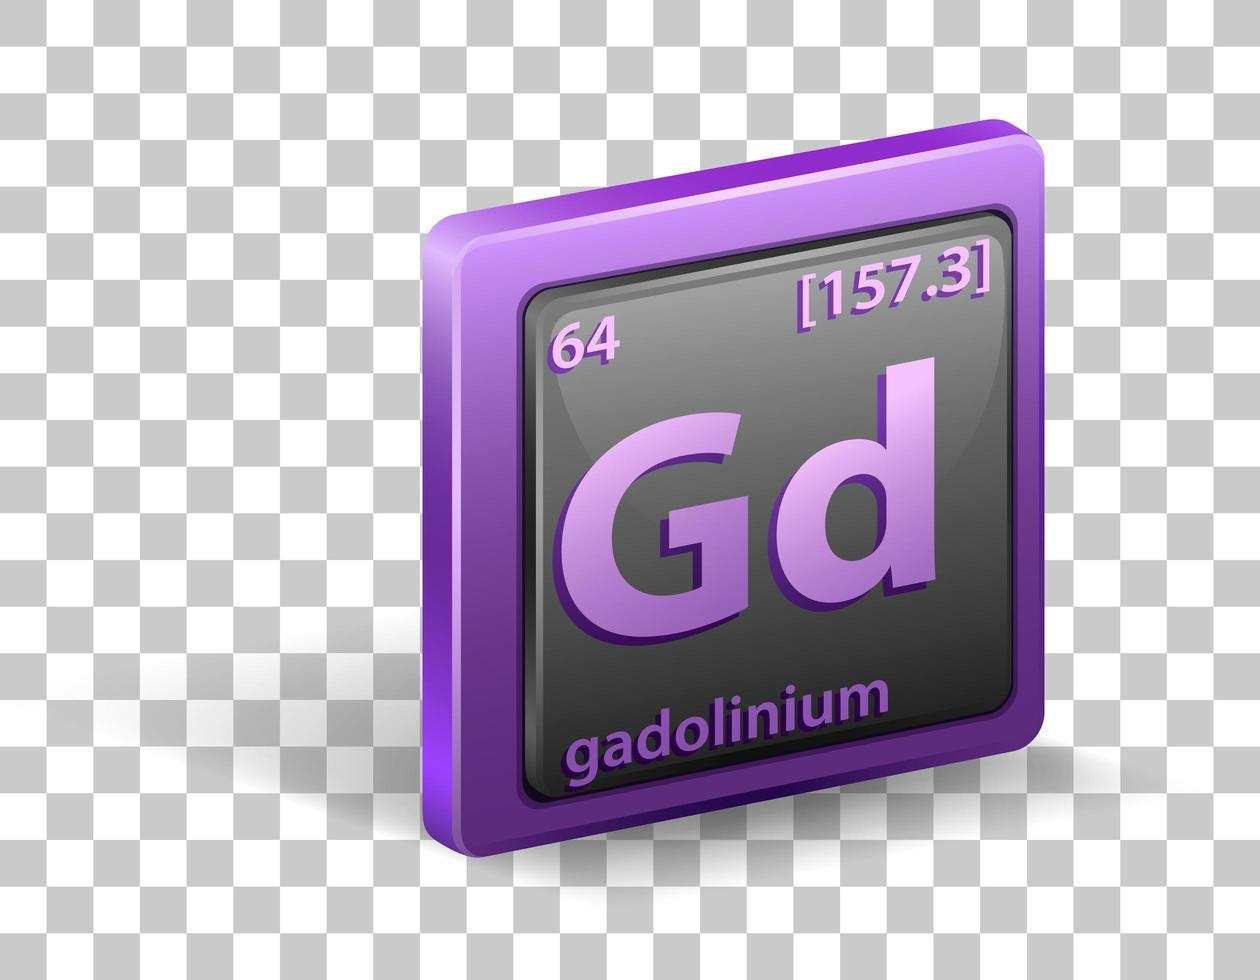 Gadolinium chemisches Element. chemisches Symbol mit Ordnungszahl und Atommasse. vektor